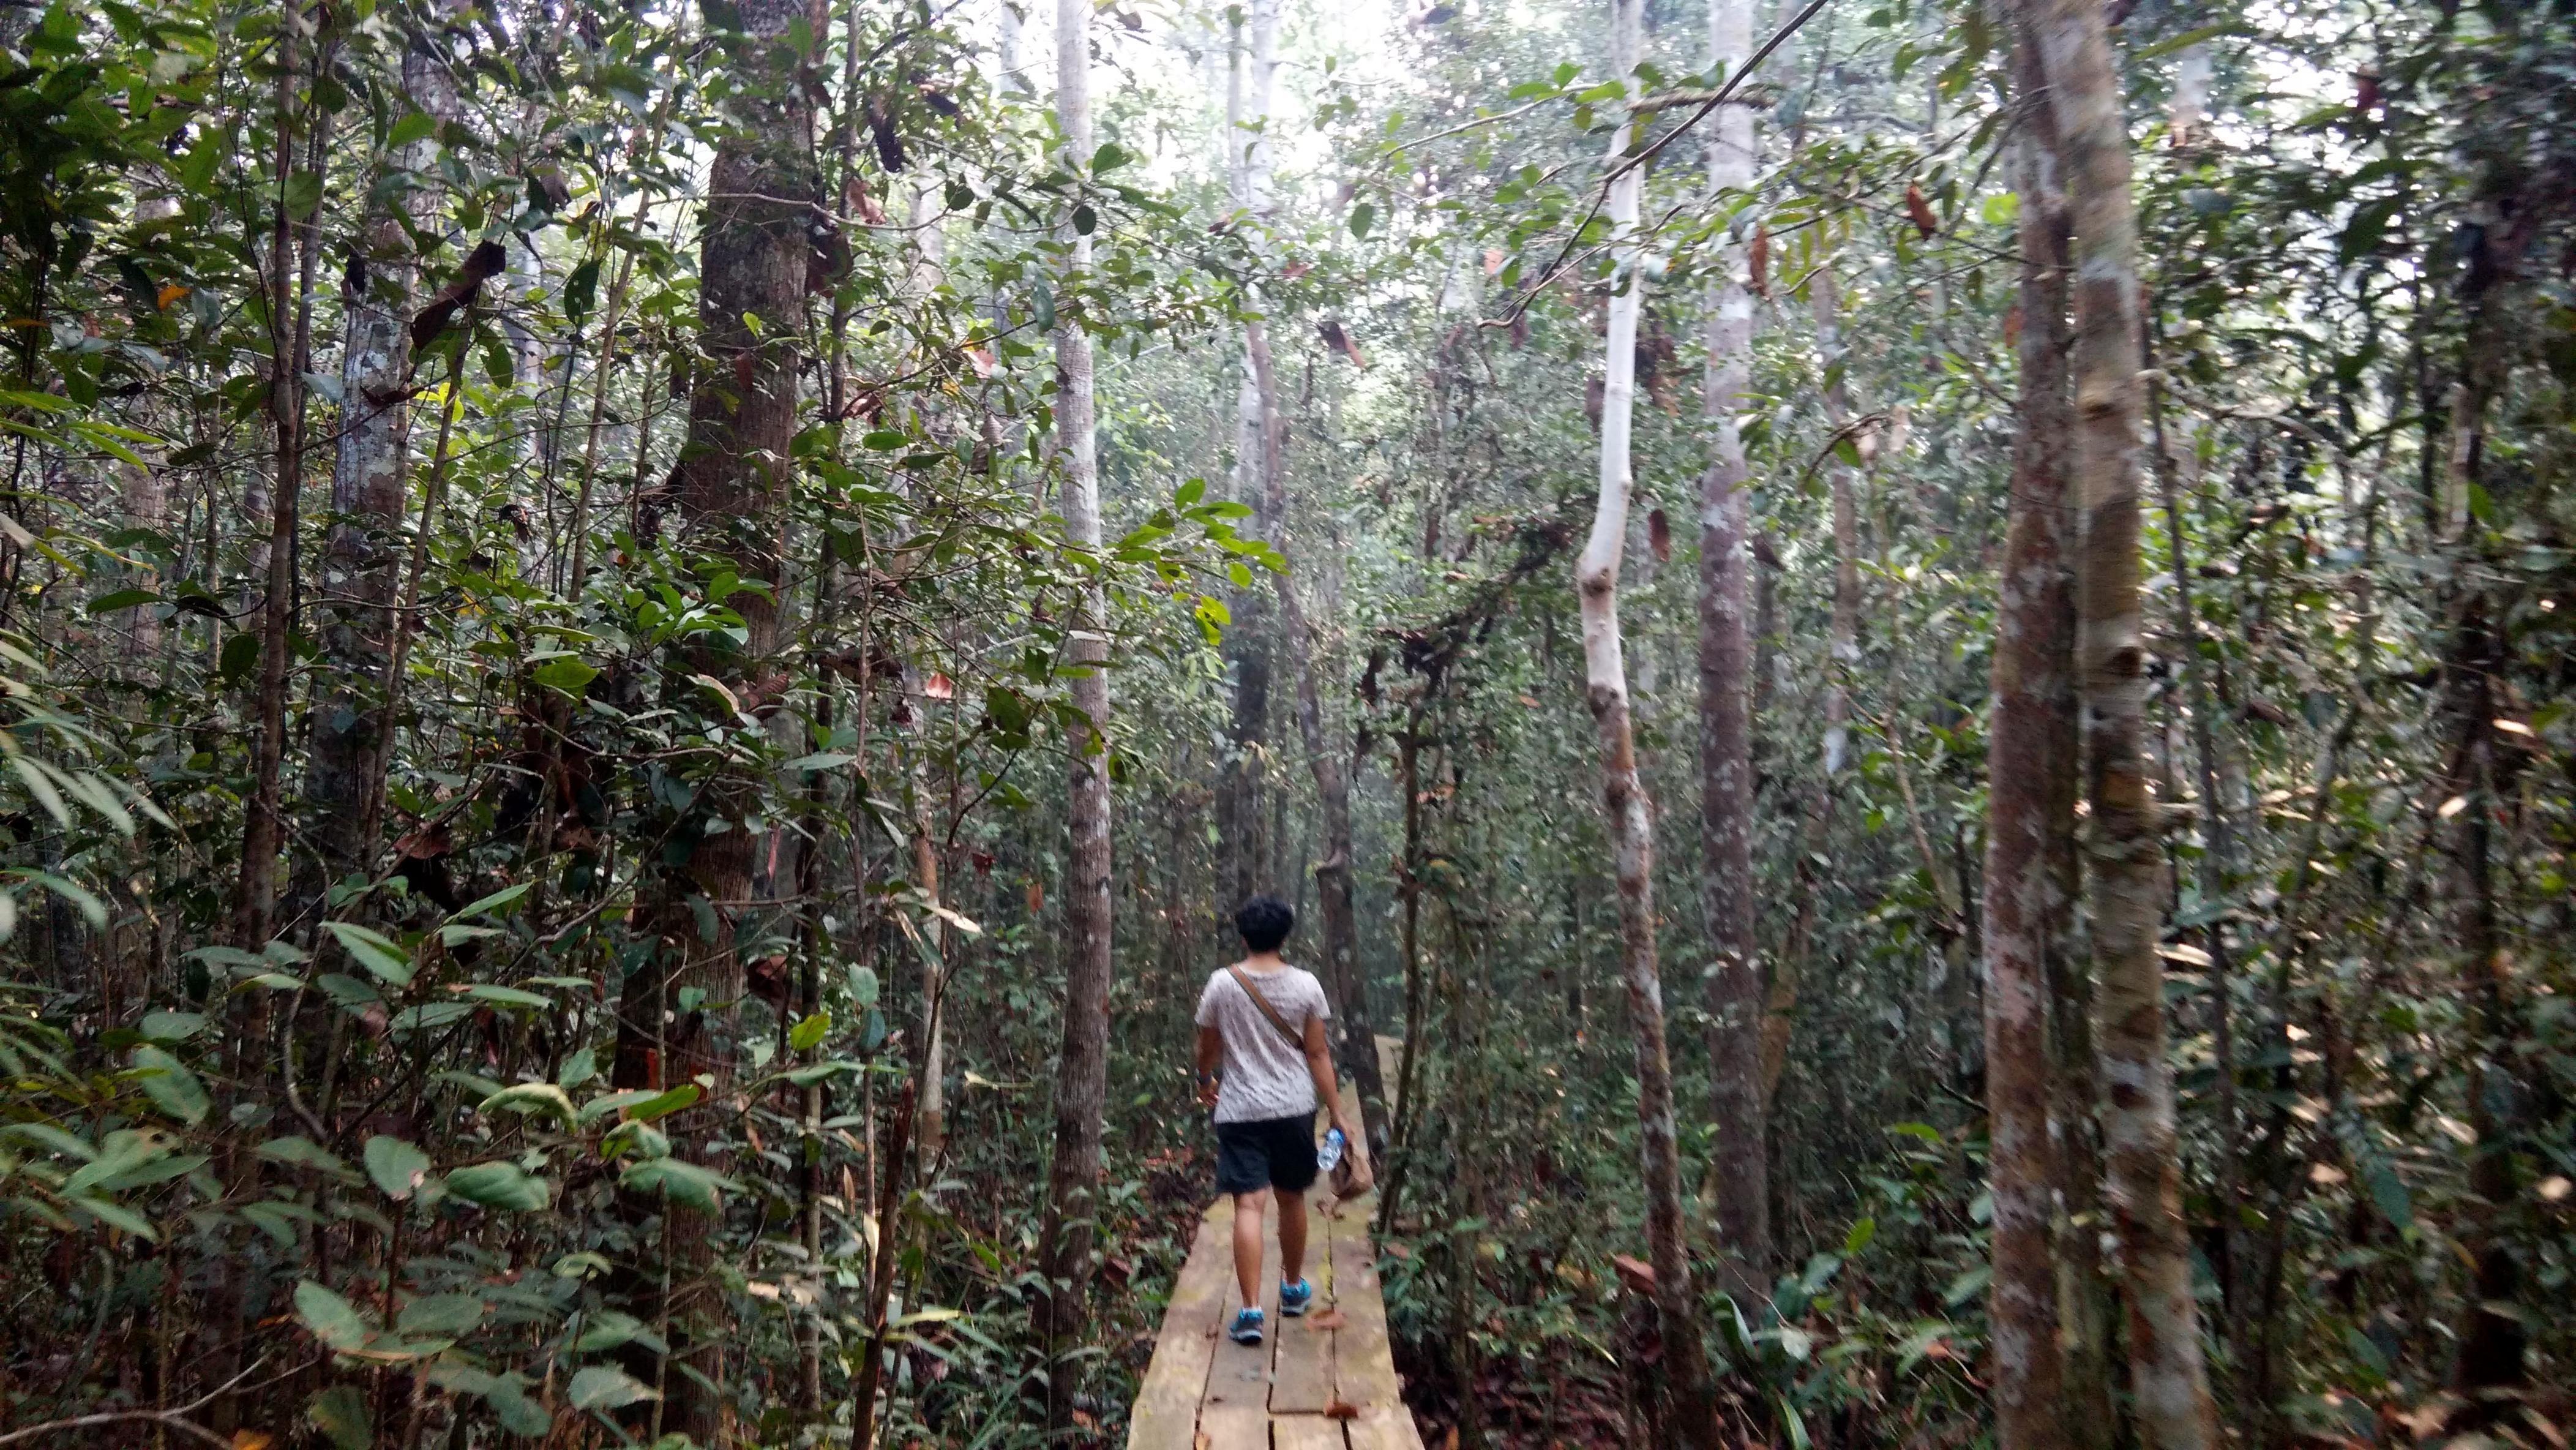 Trekking Taman Nasional Sebangau Demi Melihat Orangutan Senja Kak Vira